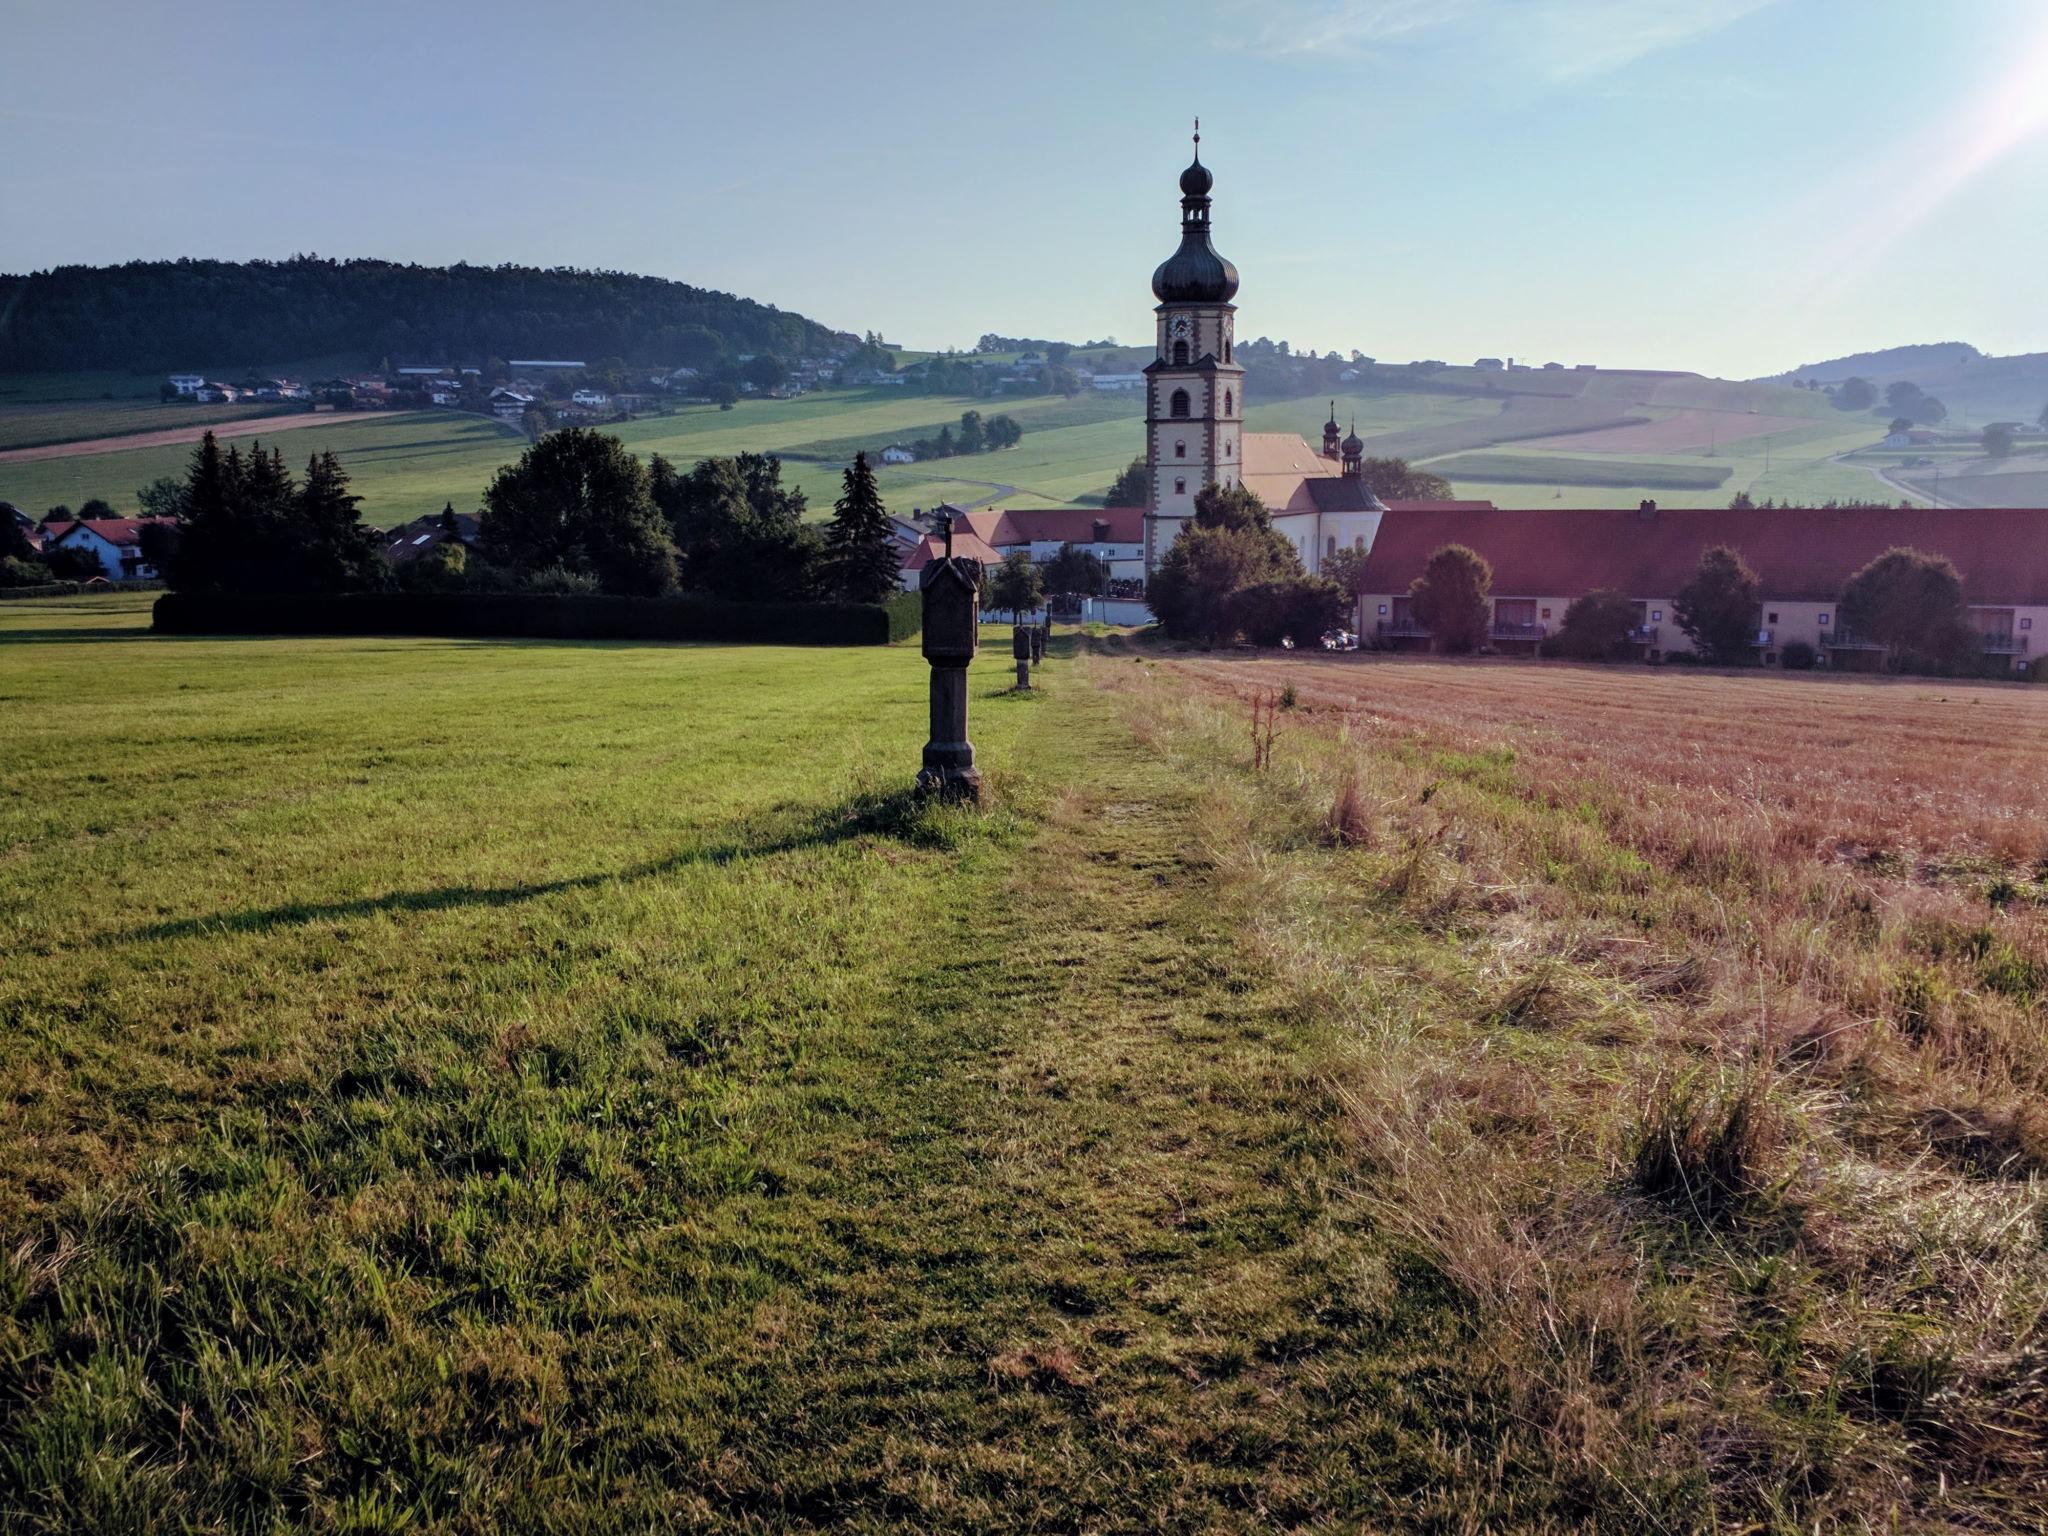 Wallfahrtskirche in Neukirchen beim Heiligen Blut